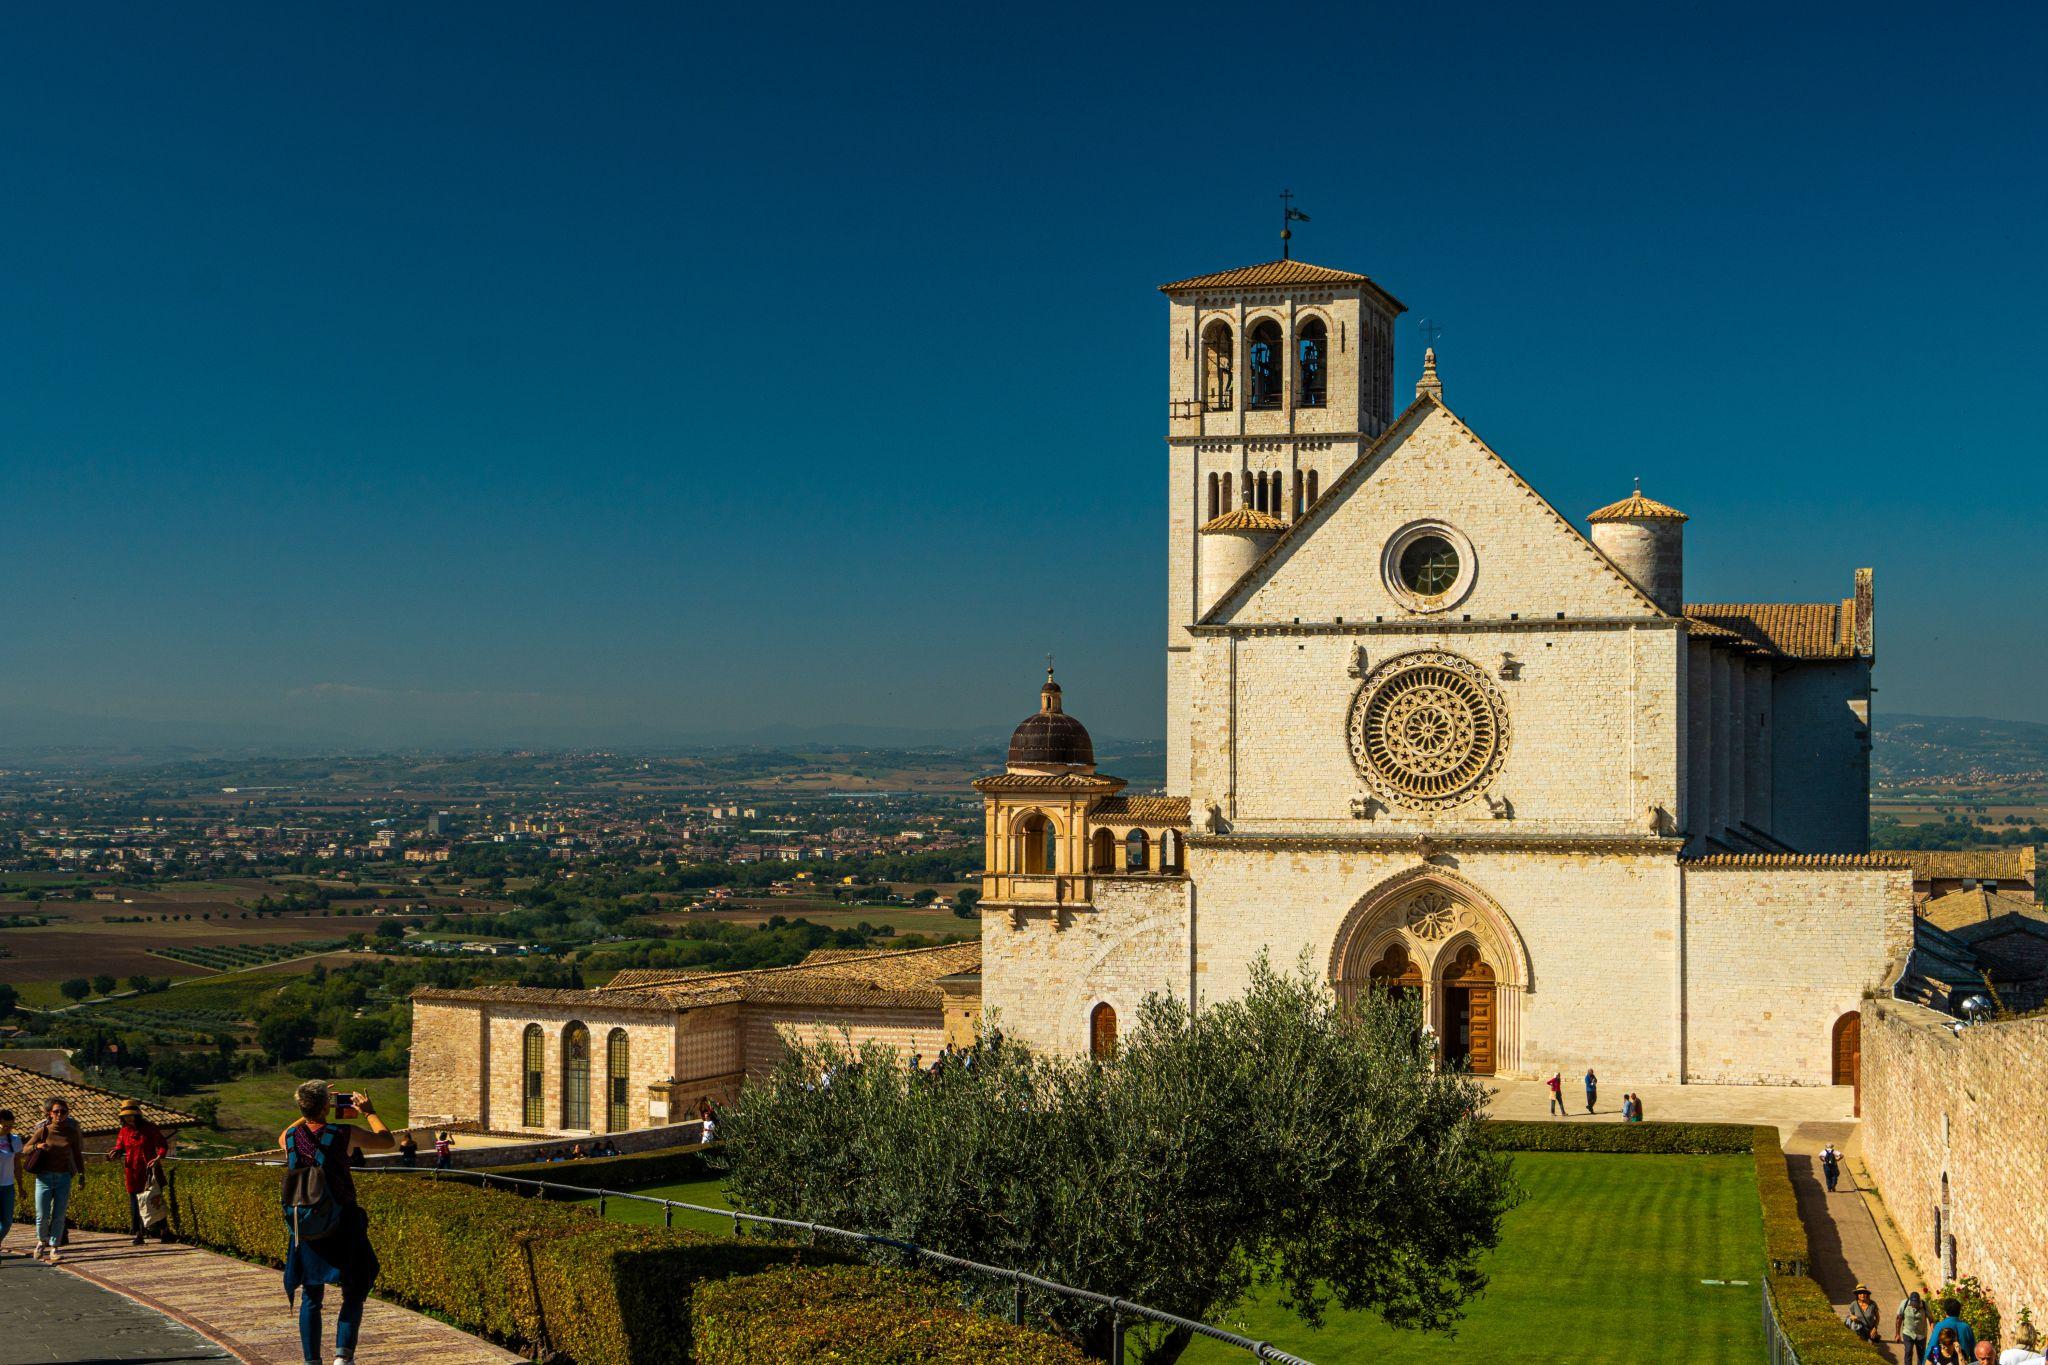 Basilica di San Francesco d'Assisi, Italy